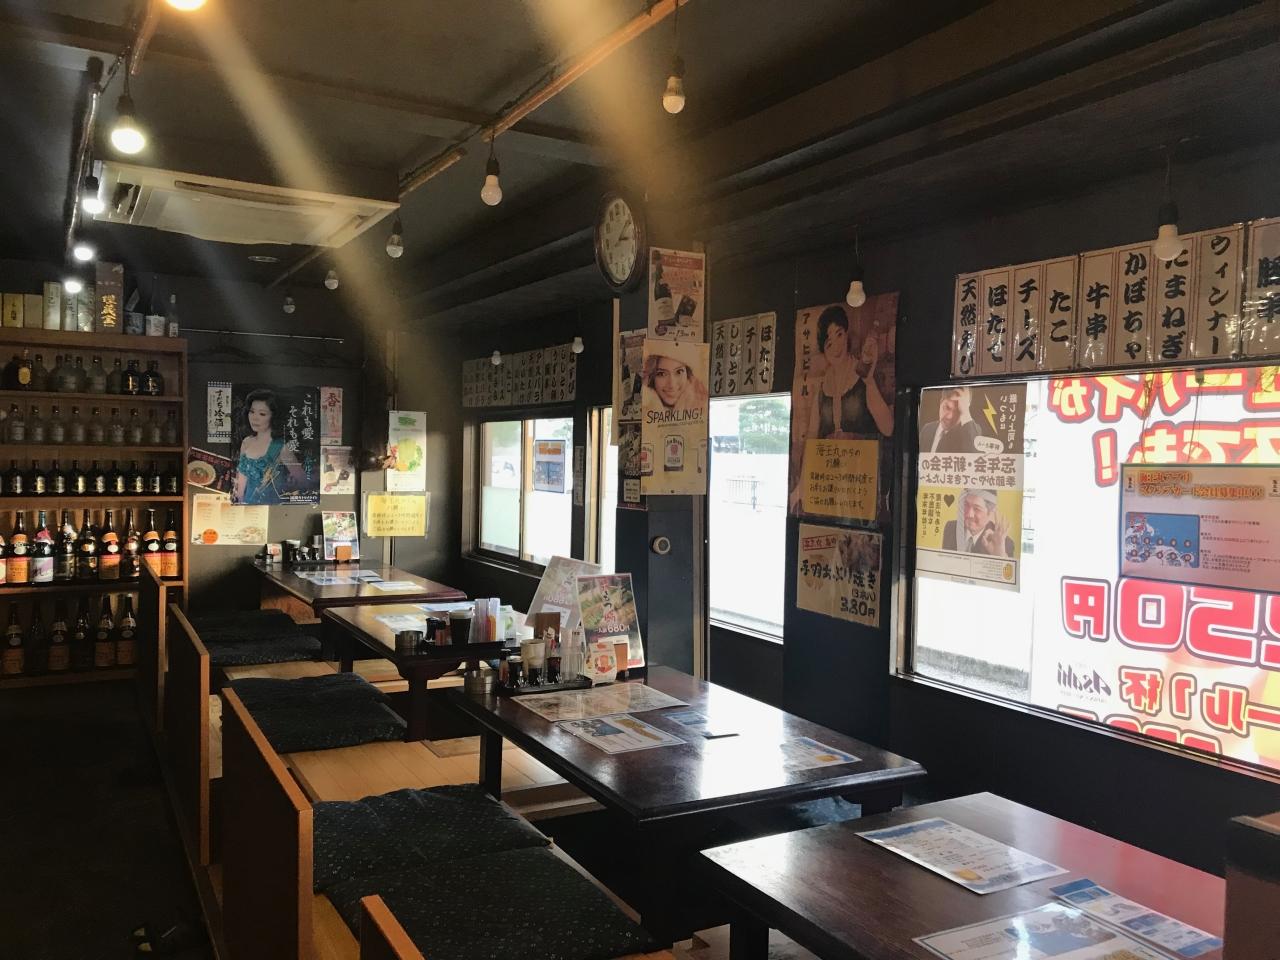 北花田にある居酒屋★空いた時間で働きやすい!シフトの融通が利きますよ♪